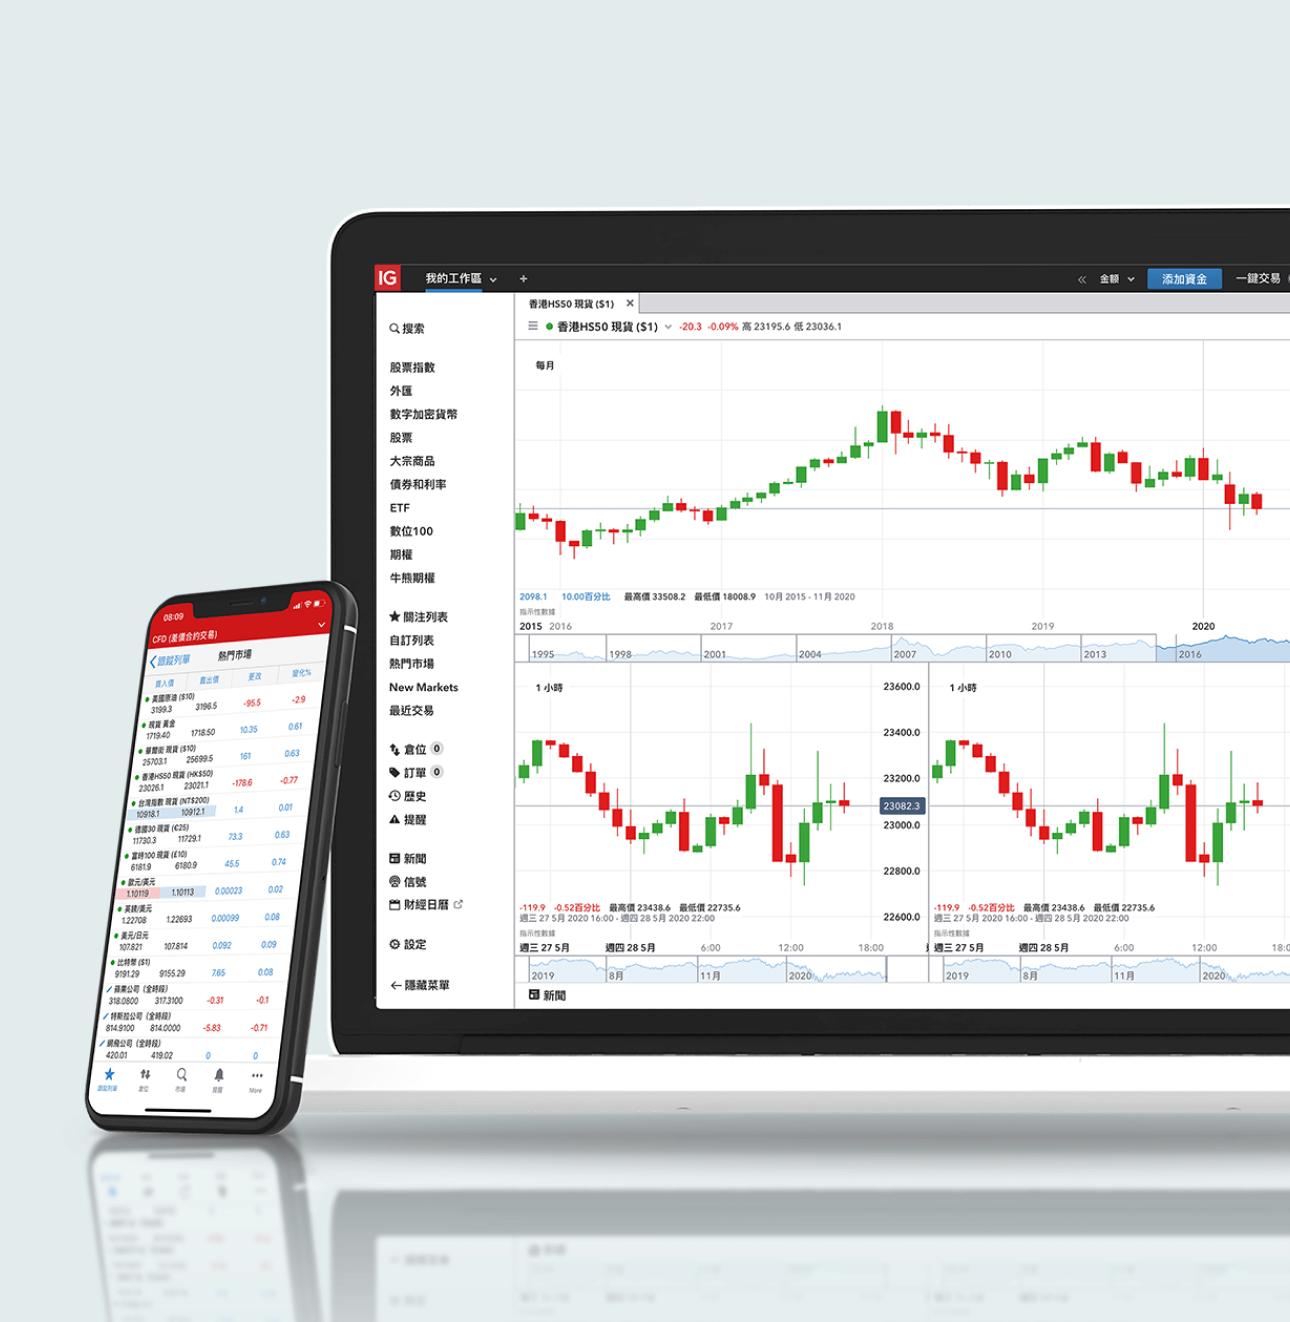 IG線上交易平臺,隨時隨地把握金融交易良機 | IG官網